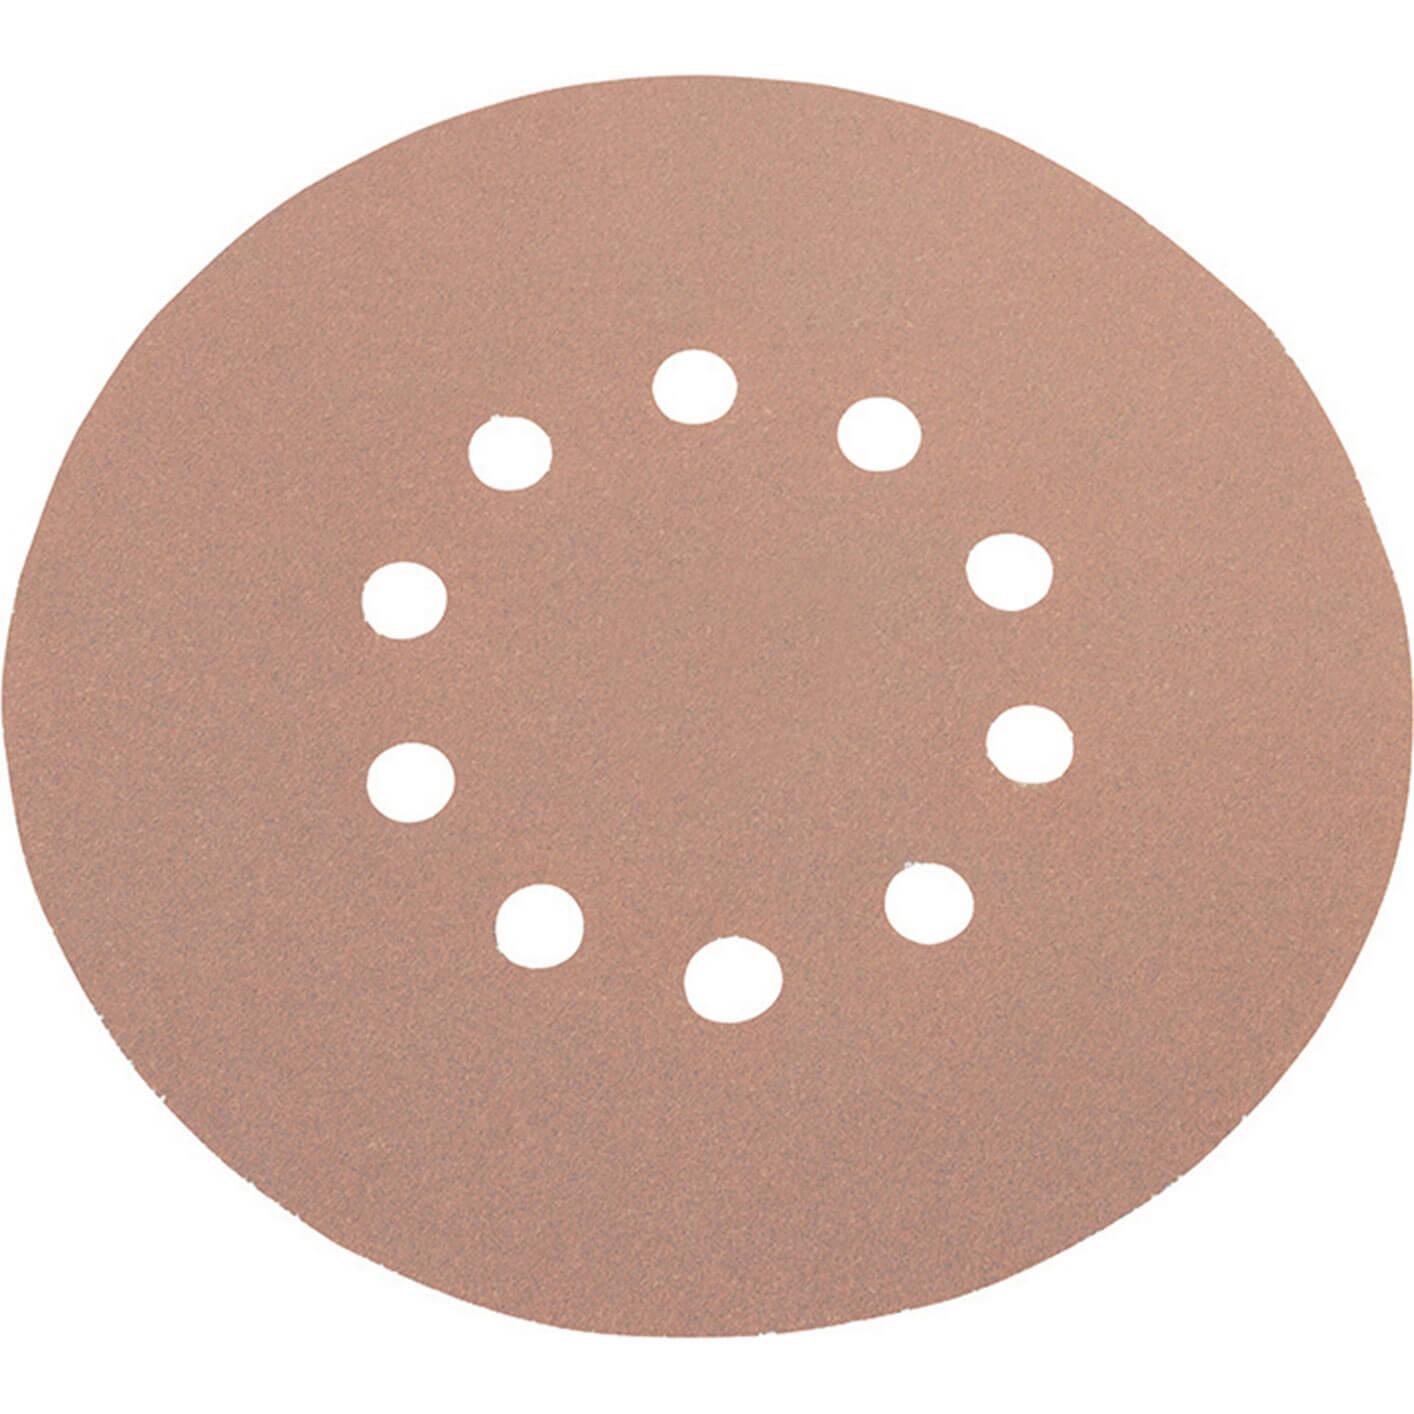 Image of Flex Hook & Loop Sanding Discs 225mm 100g Pack of 25